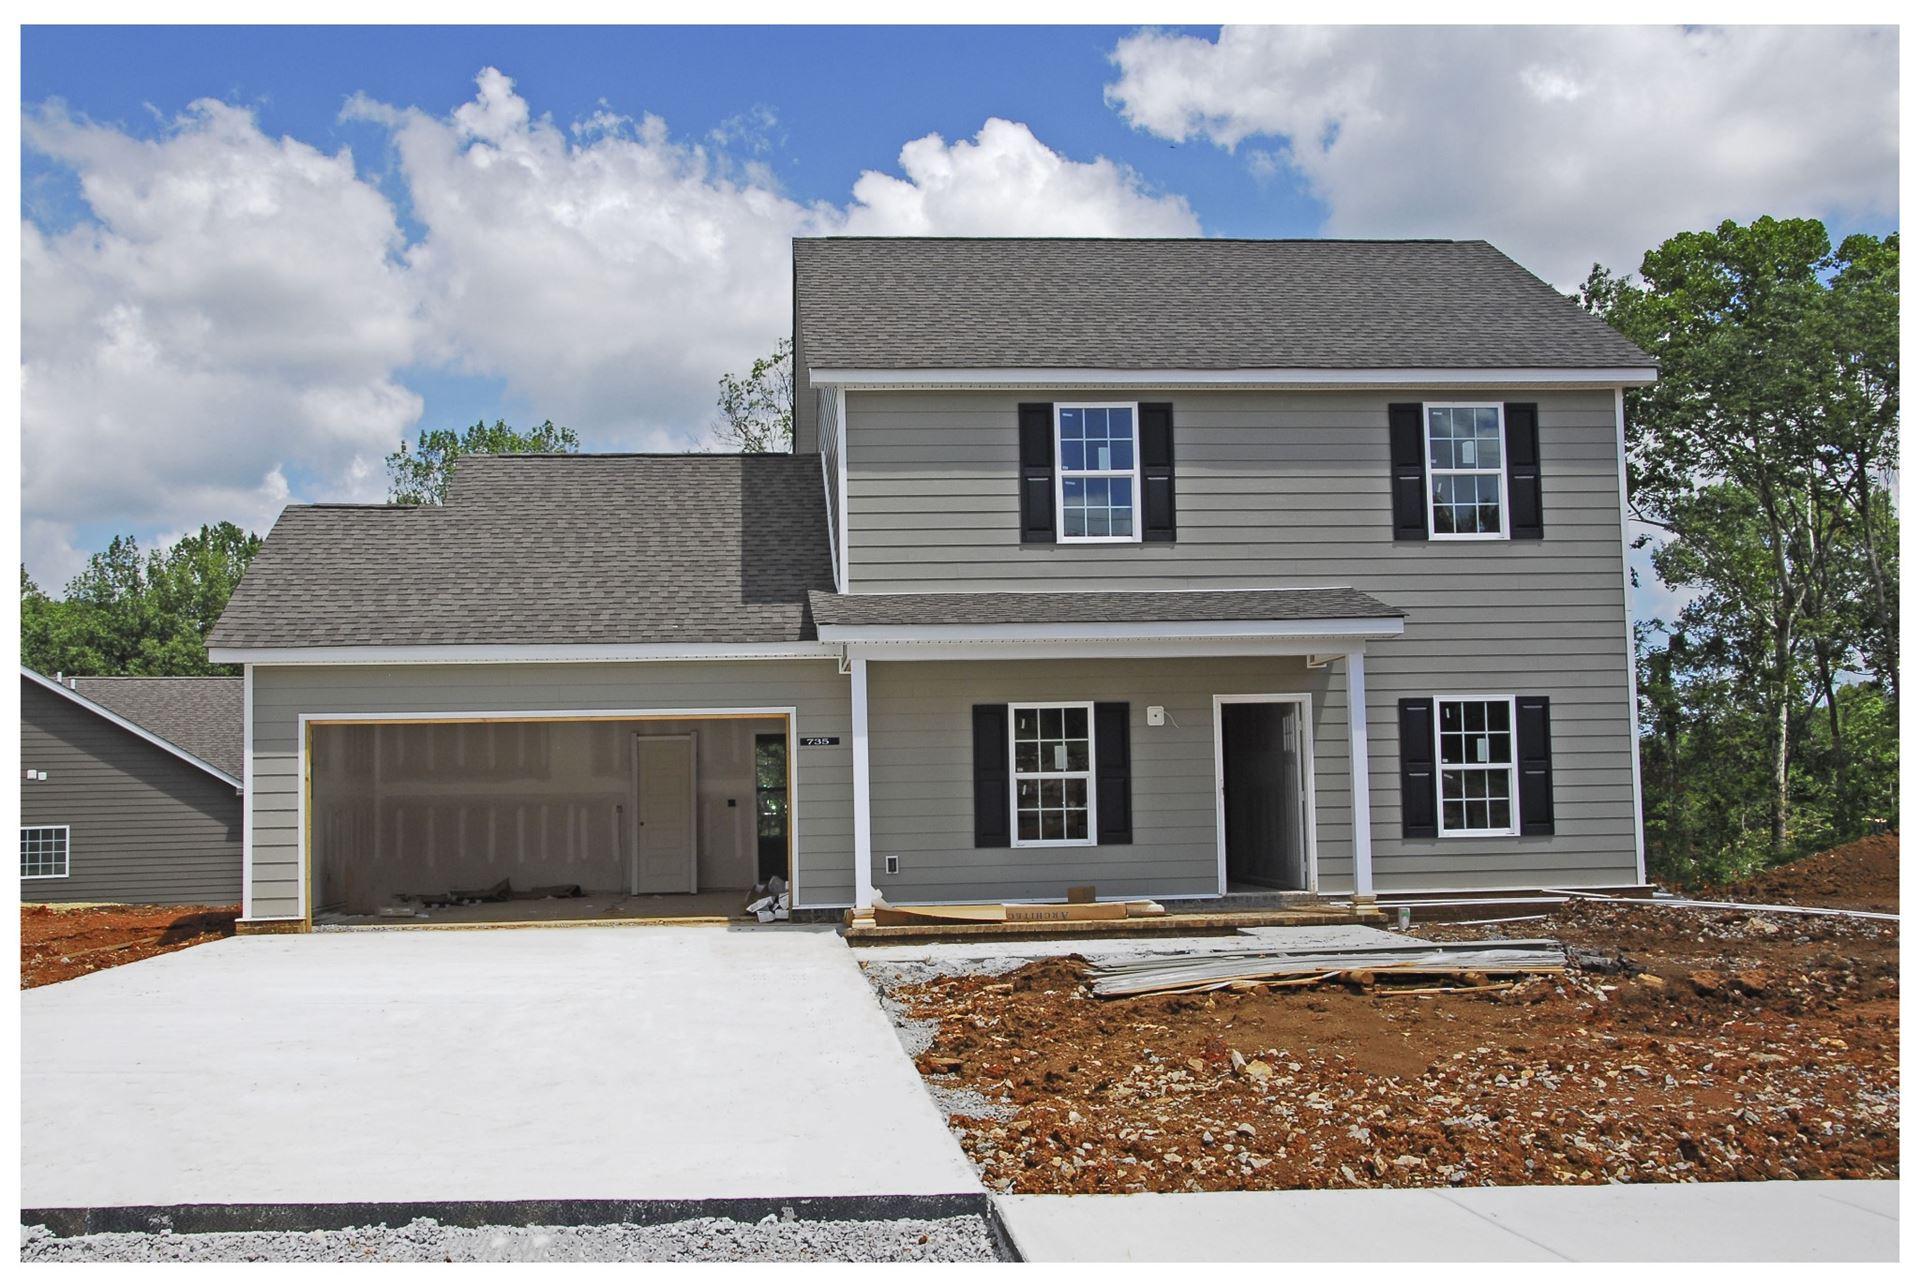 Photo of 735 Mitscher Drive, Spring Hill, TN 37174 (MLS # 2169344)